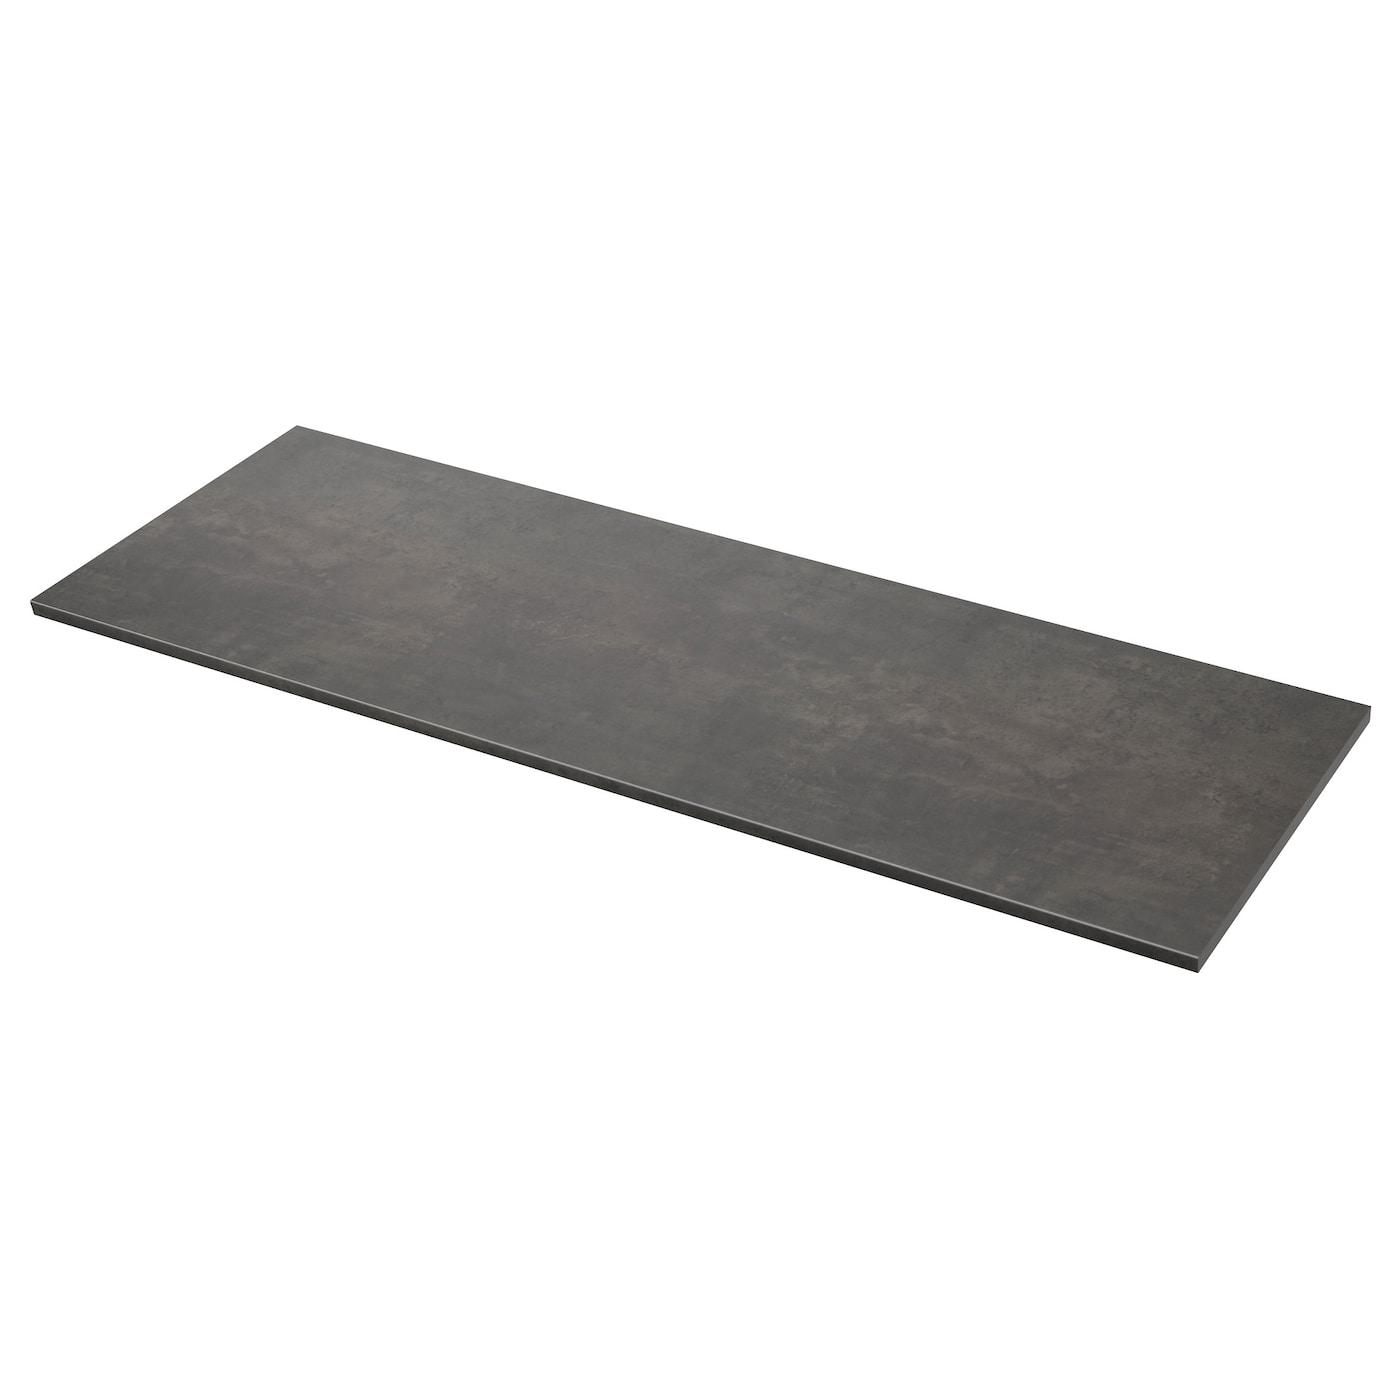 Ekbacken Concrete Effect Laminate Worktop 186x2 8 Cm Ikea